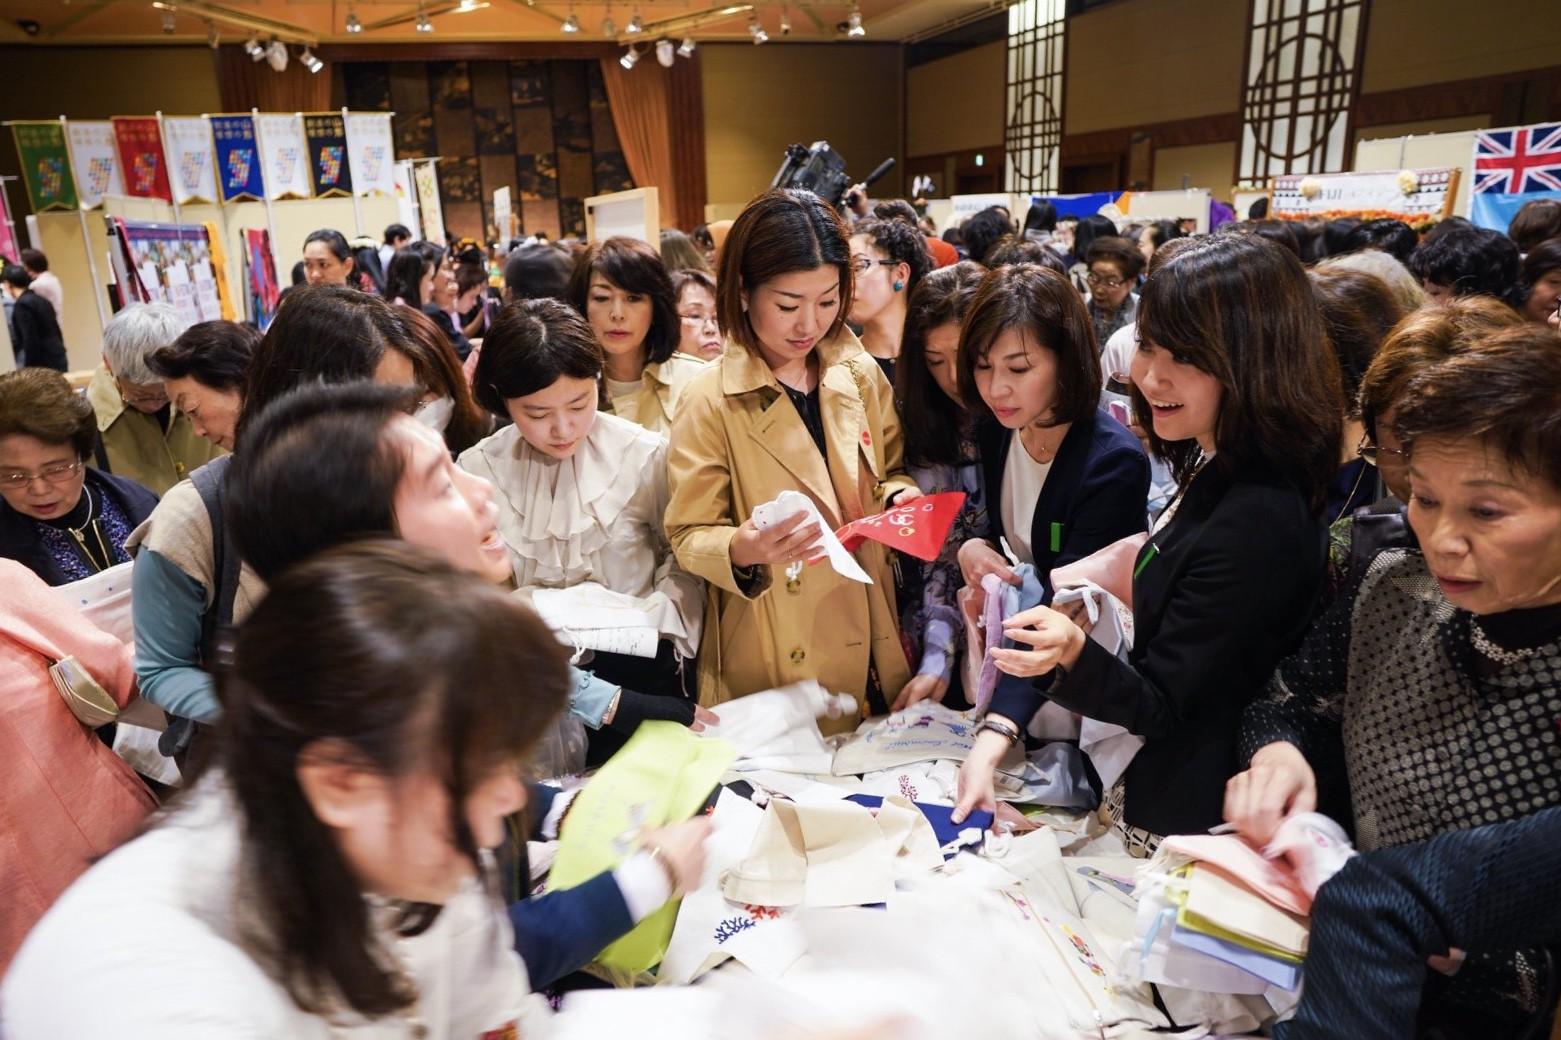 Rạng rỡ trong tà áo dài, nữ DHS Việt thu hút mọi ánh nhìn tại chương trình từ thiện châu Á - Thái Bình Dương - Ảnh 6.